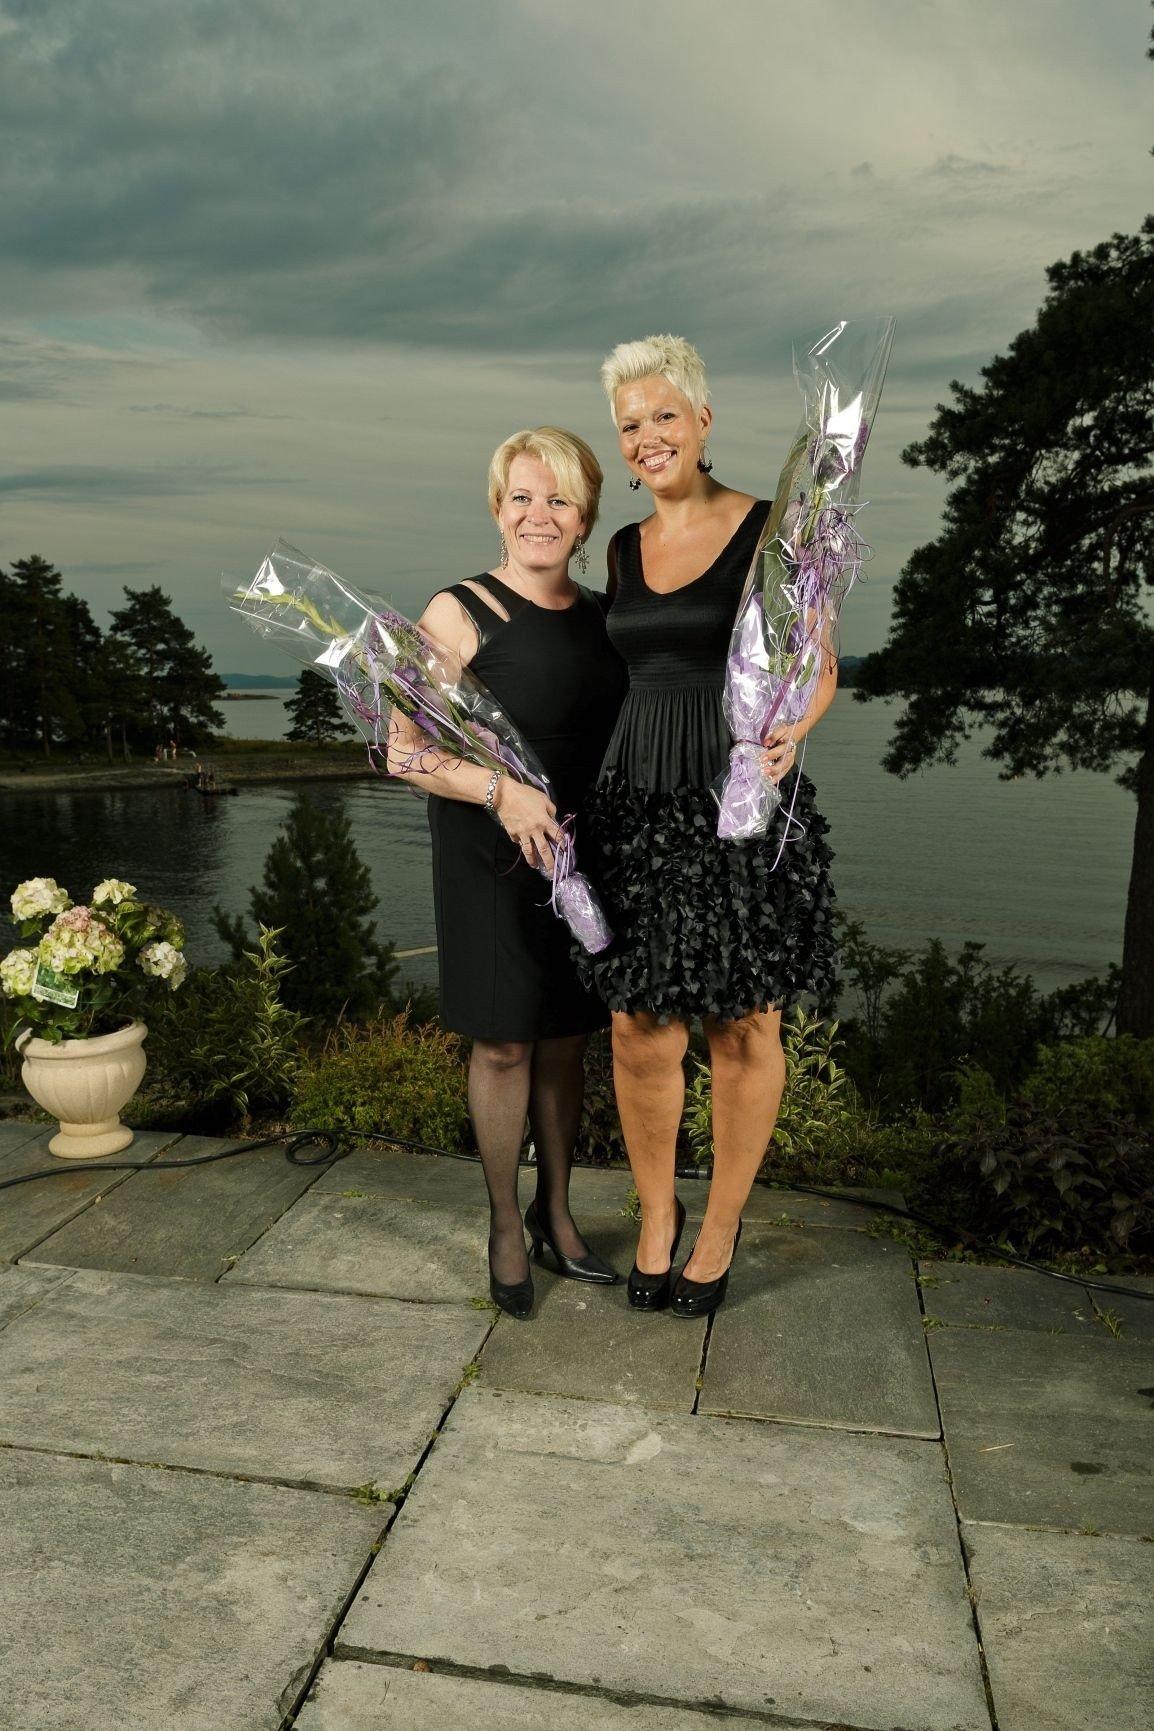 SUPERSLANKER: Kombinasjonen bedre kosthold og spinning gjorde underverker for Jannicke Rudie (til høyre). Her feirer hun tittelen «årets fylkesslanker i Oslo» sammen med sin kursleder Elin Horn hjemme hos Grete Roede.